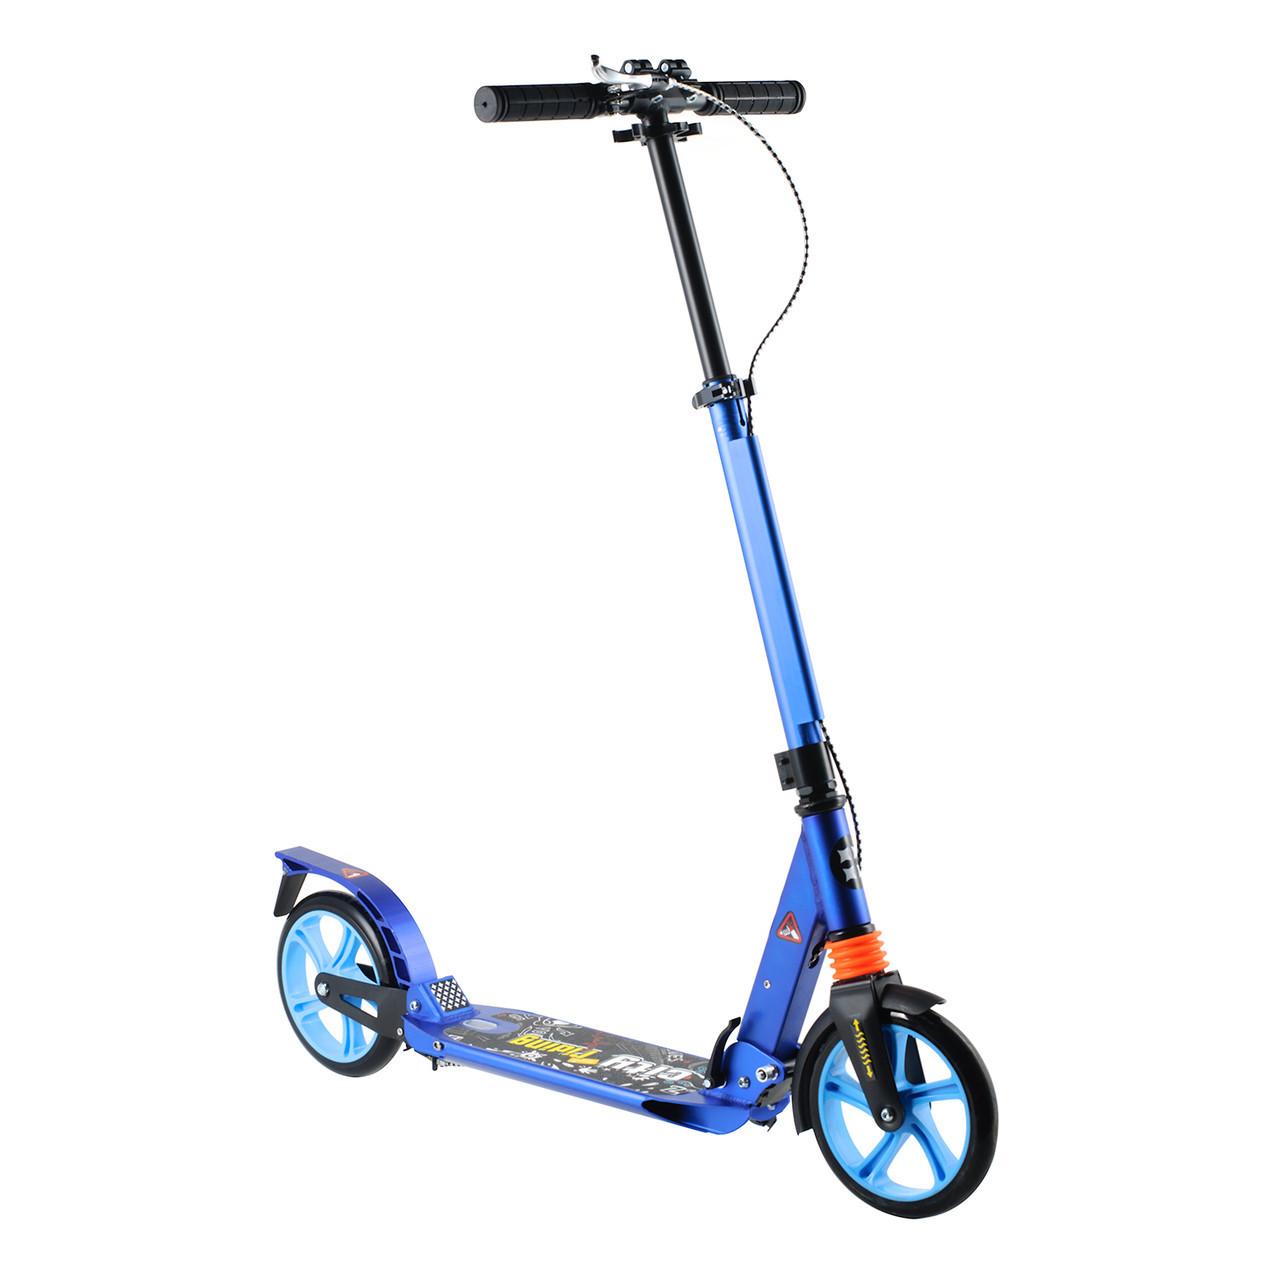 Самокат для детей от 5 лет двухколесный iTrike со складным рулем амортизаторами и PU колесами